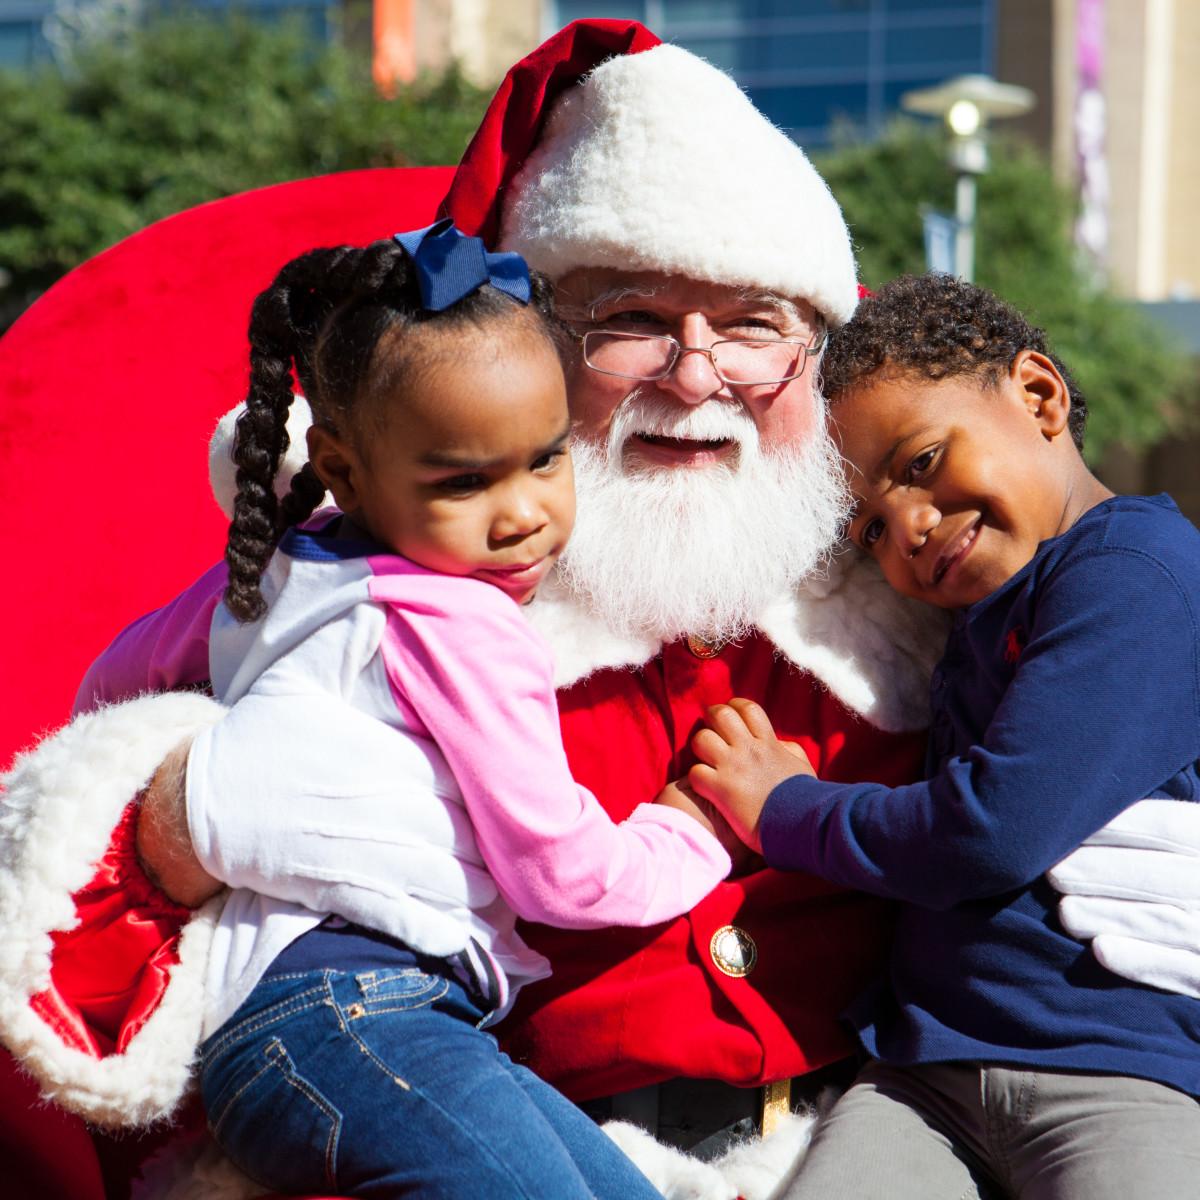 Little kids hugging Santa